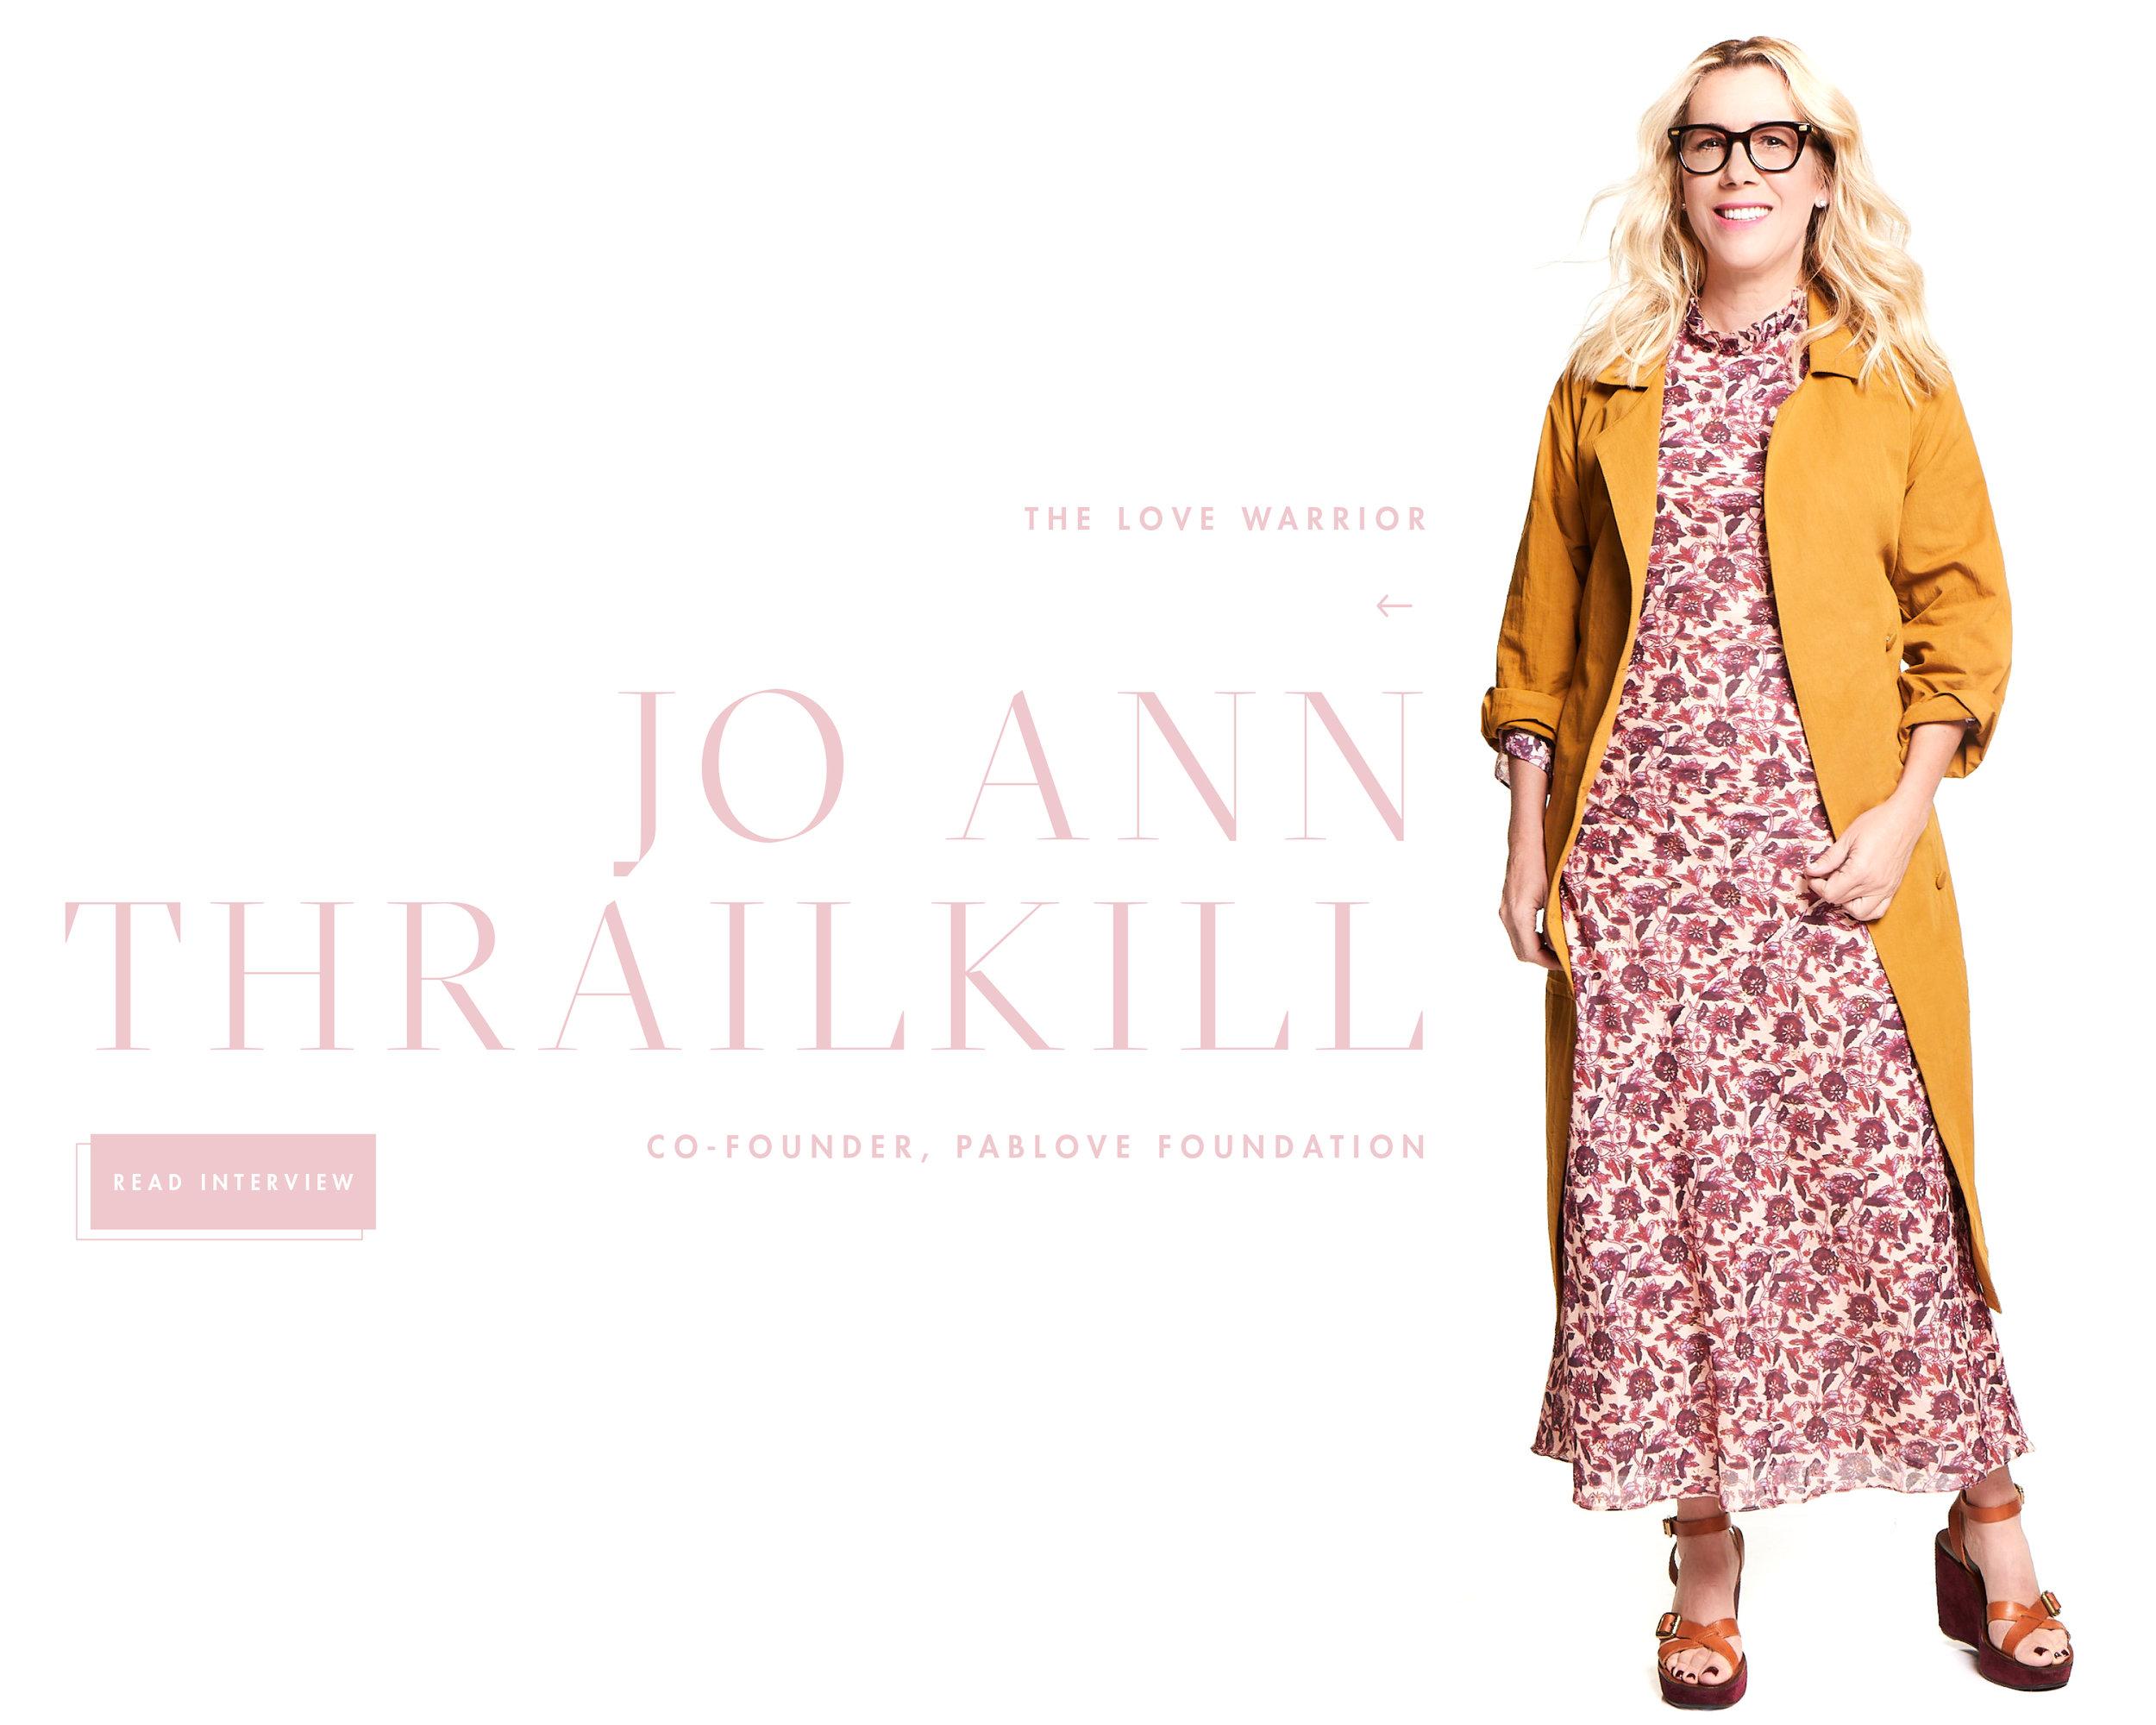 joann-thrailkill.jpg